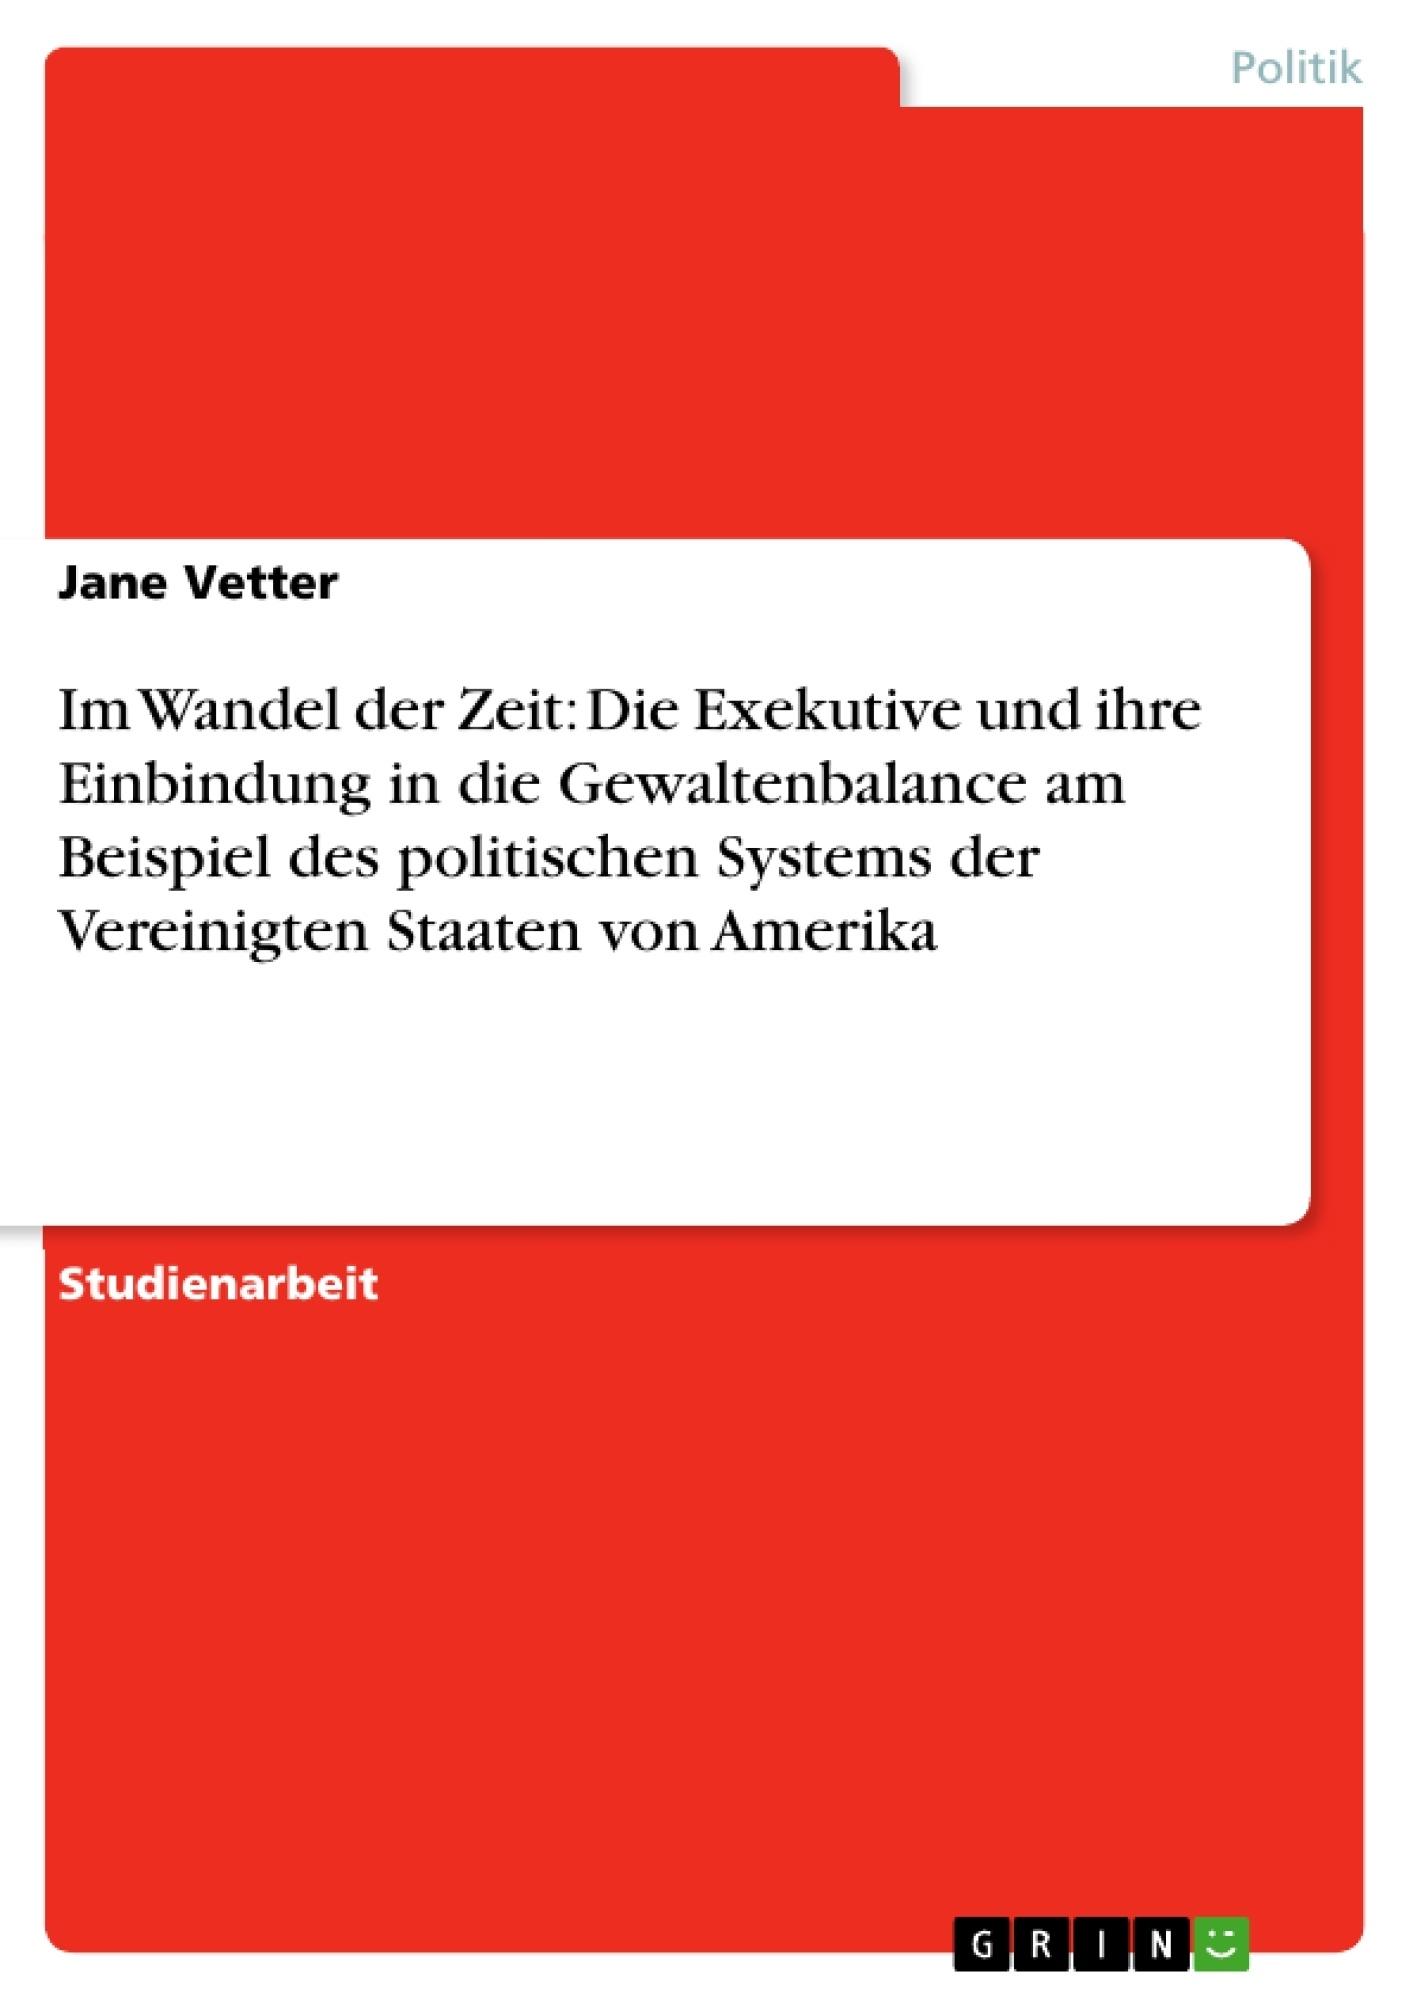 Titel: Im Wandel der Zeit: Die Exekutive und ihre Einbindung in die Gewaltenbalance am Beispiel des politischen Systems der Vereinigten Staaten von Amerika